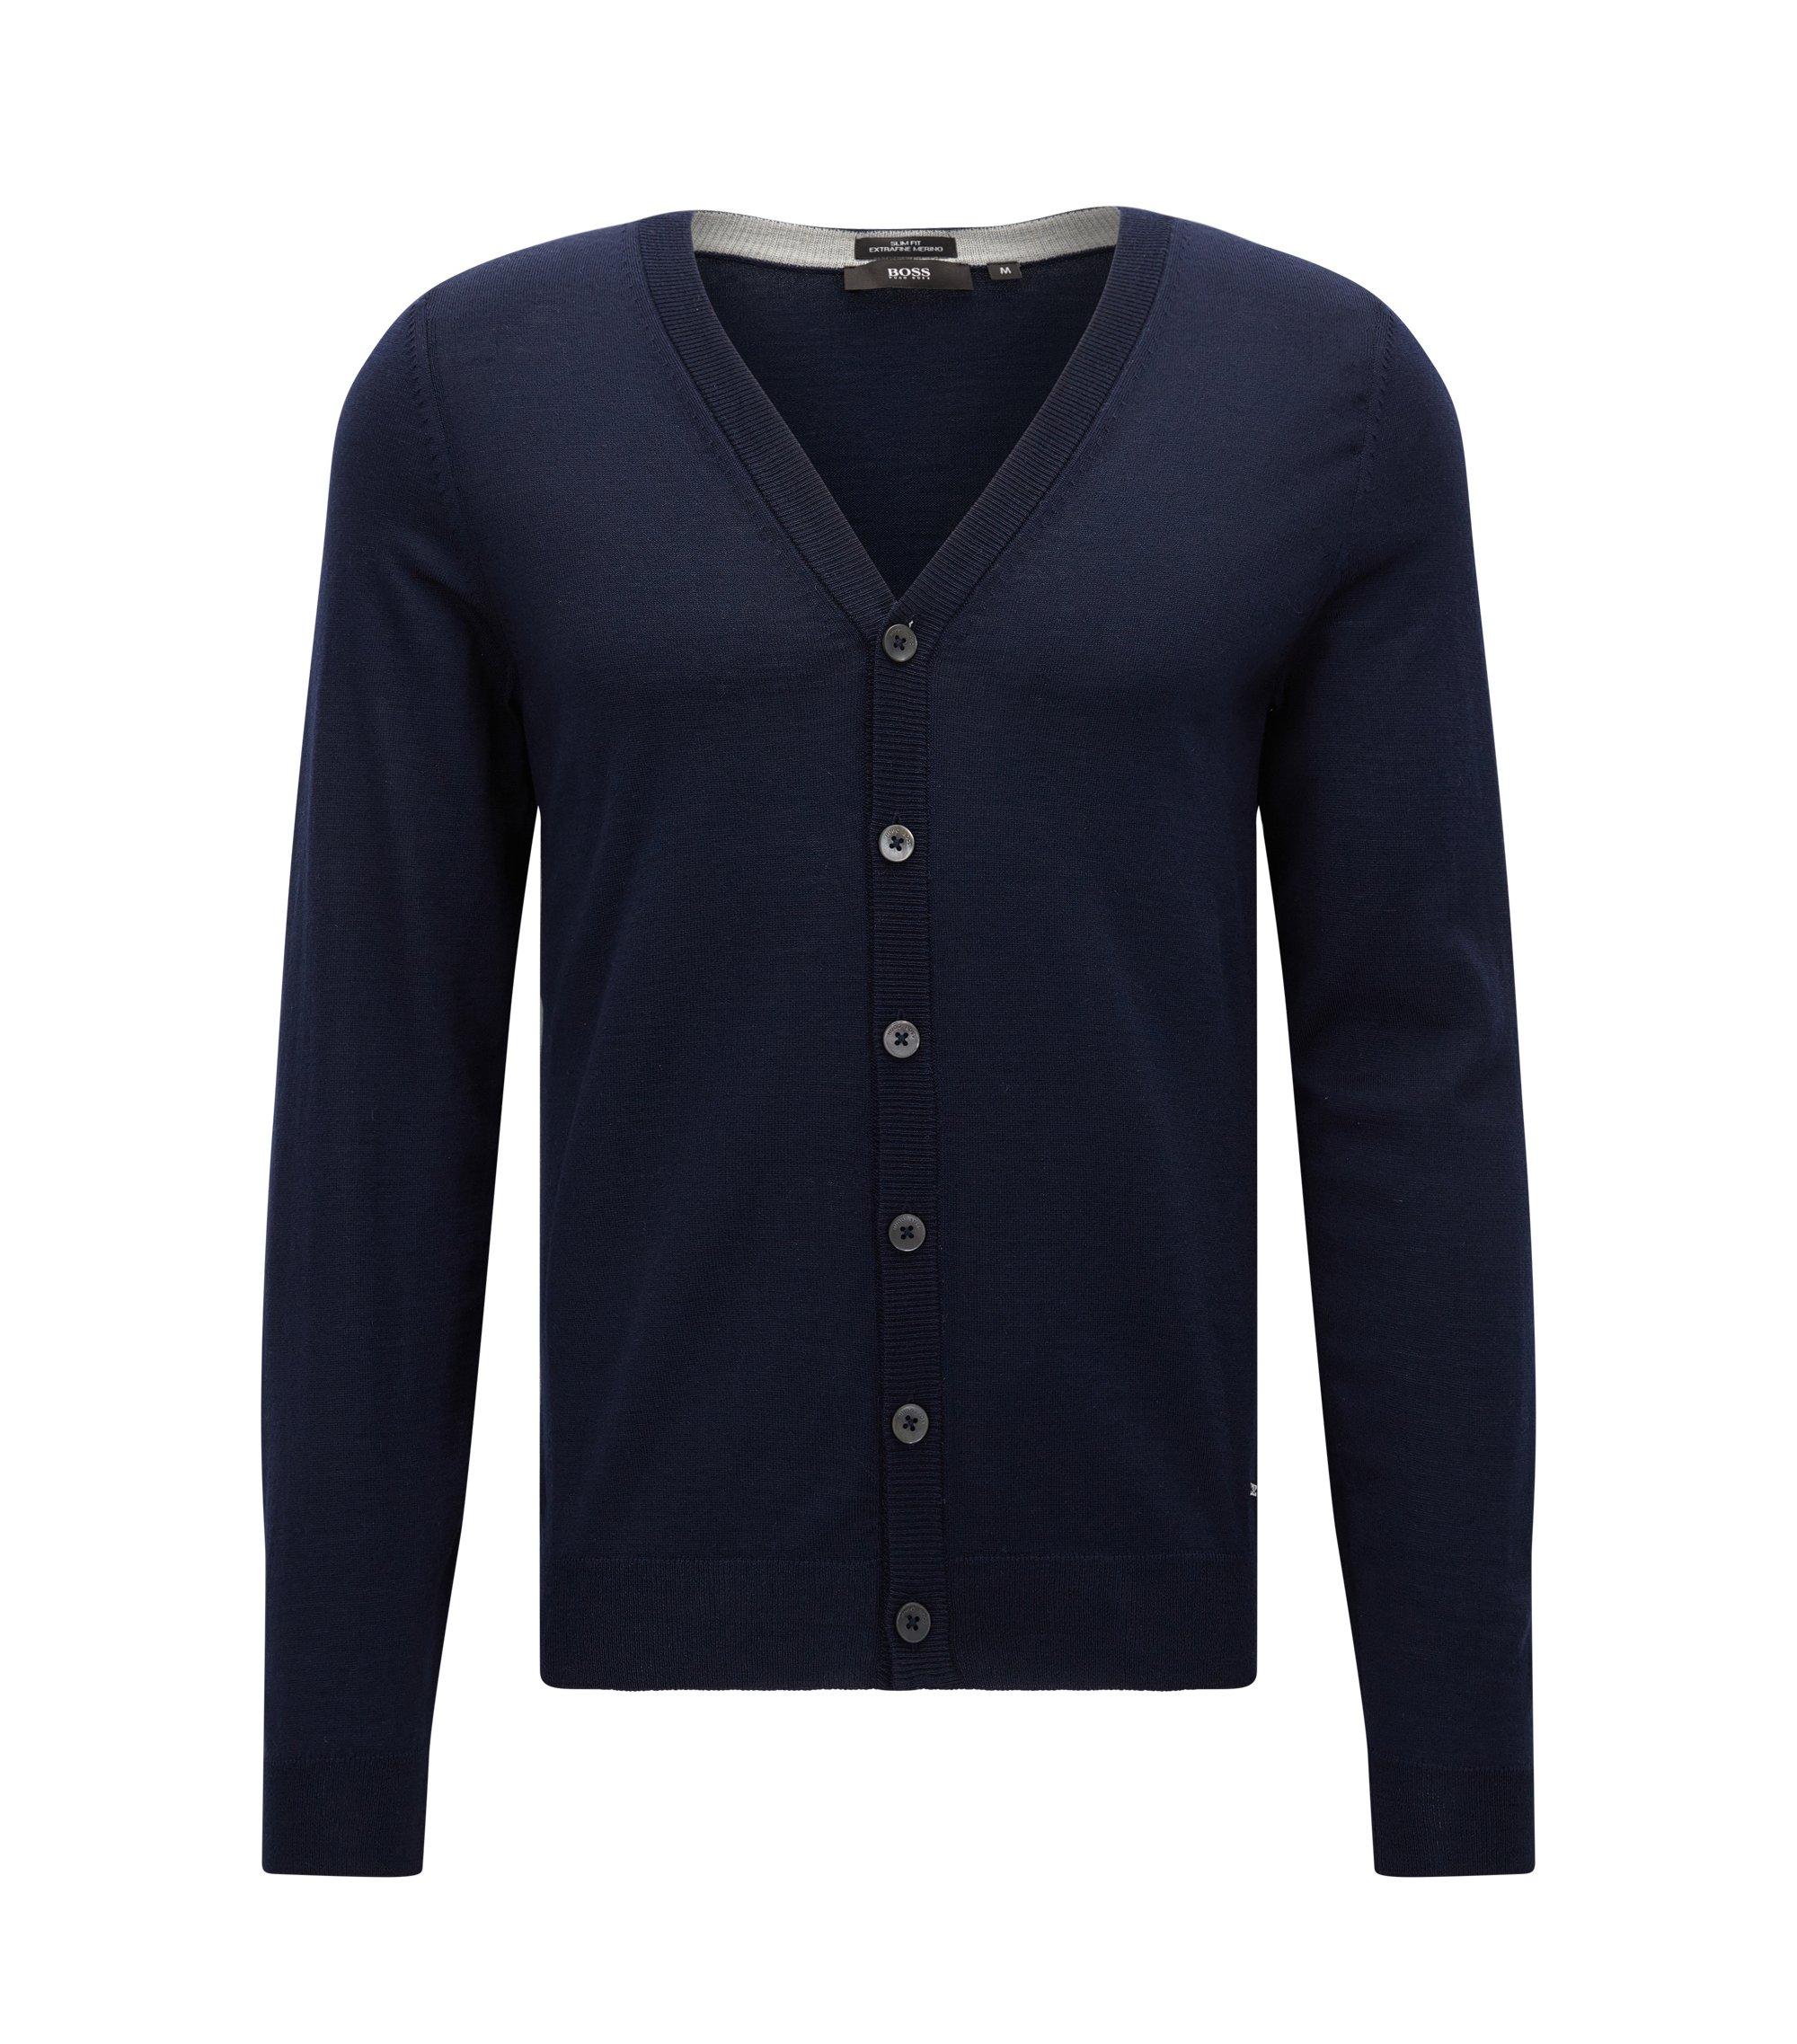 Cardigan Slim Fit à colV en laine mérinos extra fine, Bleu foncé